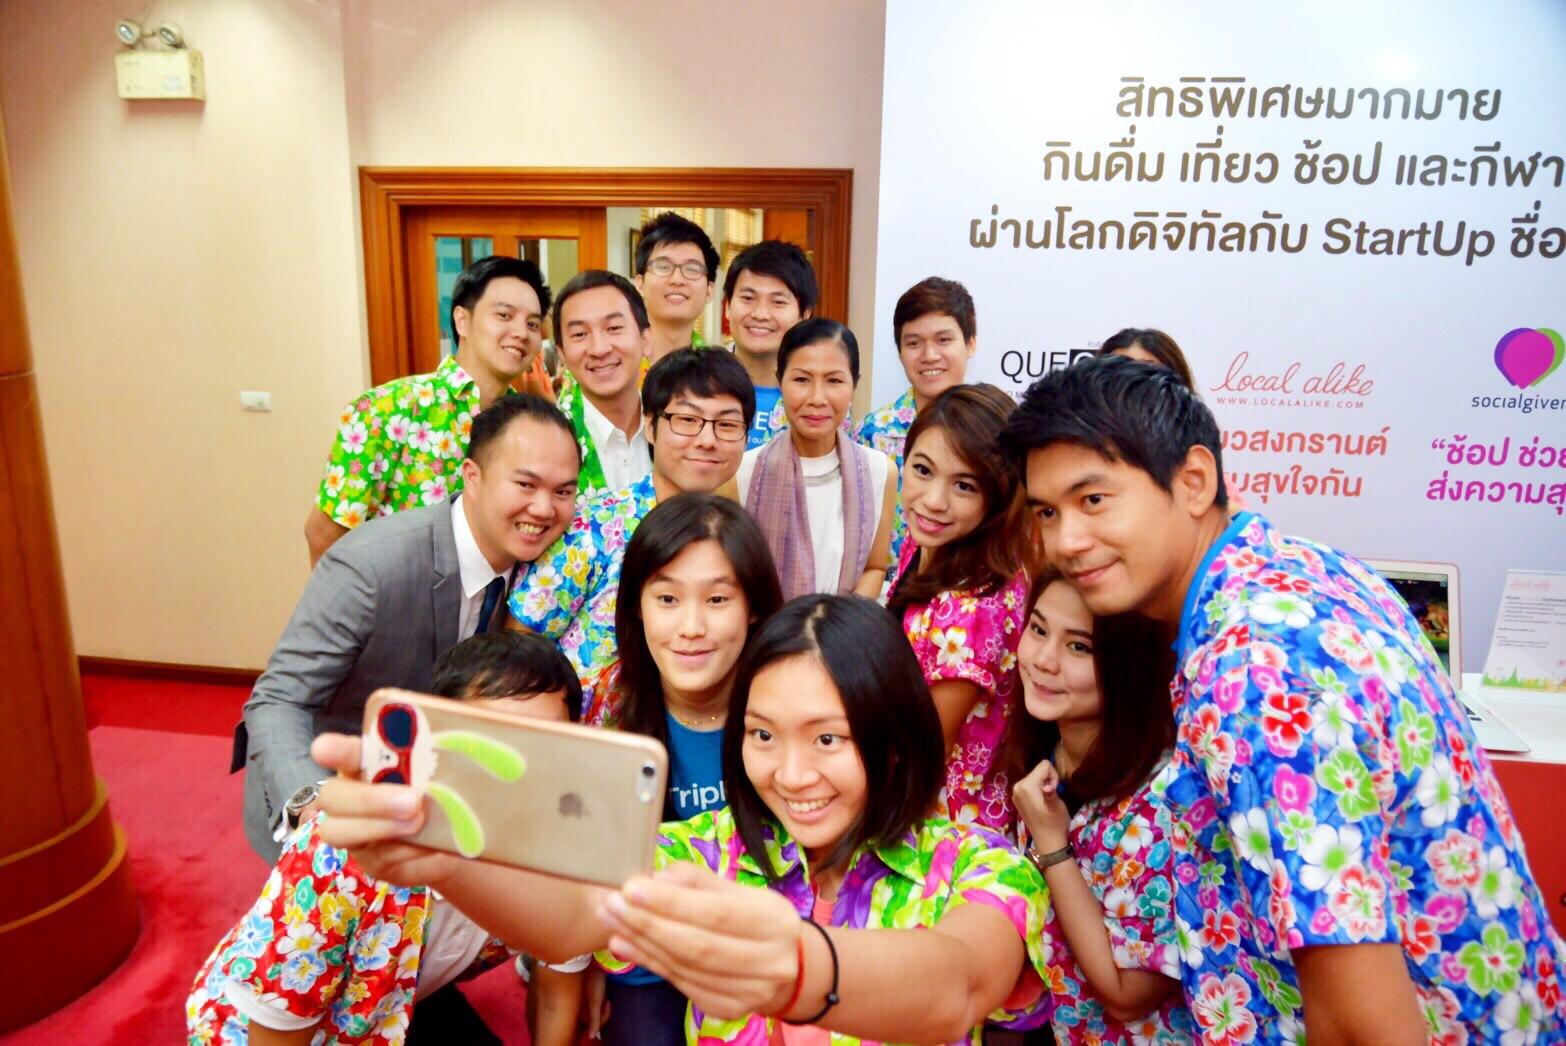 """ของขวัญวันสงกรานต์ 2559 กระทรวงการท่องเที่ยวและกีฬา ควงแขน 10 ทีมสตาร์ทอัพ มอบของขวัญให้คนไทย สาดความสุขกับ """"สงกรานต์ดิจิทัล"""""""